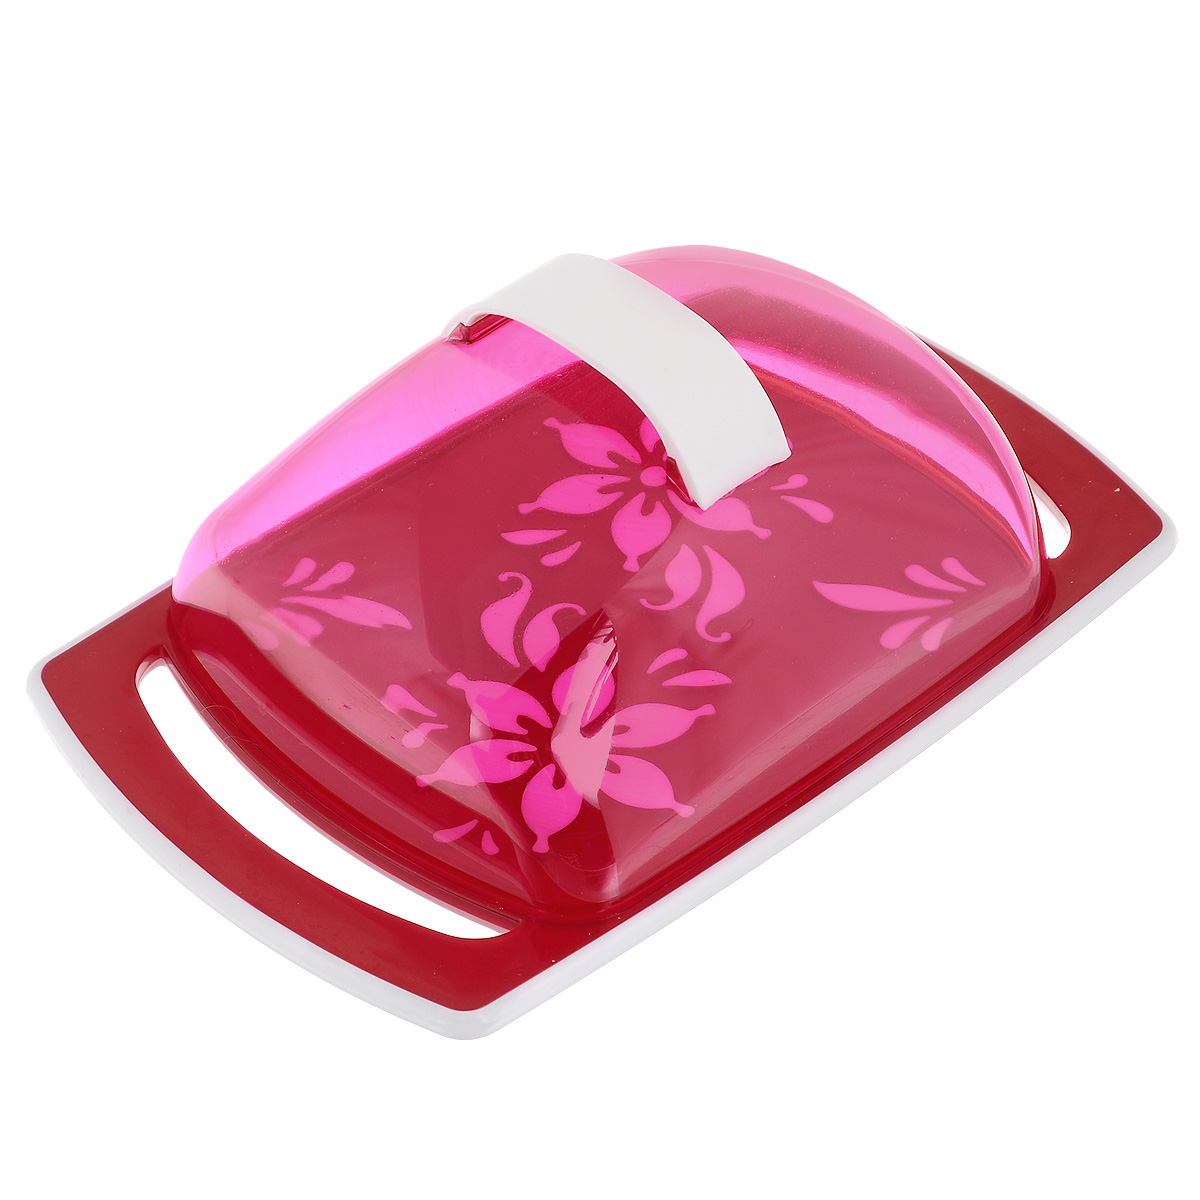 Масленка Альтернатива Премьера, цвет: красныйM1966Масленка Альтернатива Премьера идеально подходит для хранения масла и сервировки стола. Масленка состоит из подноса, выполненного из пластика, и прозрачной пластиковой крышки с ручкой. Благодаря специальным выемкам крышка плотно устанавливается на поднос. Поднос масленки украшен яркими цветами.Масло в такой масленке долго остается свежим, а при хранении в холодильнике не впитывает посторонние запахи. Рекомендации по использованию: - Не используйте для чистки абразивные моющие средства. - Берегите крышку от нагревания. - Хранить вдали от источников тепла. - При отрезании масла избегайте сильных воздействий на основание масленки во избежание ее повреждения.Размер масленки: 18 см х 11,5 см х 5,5 см.